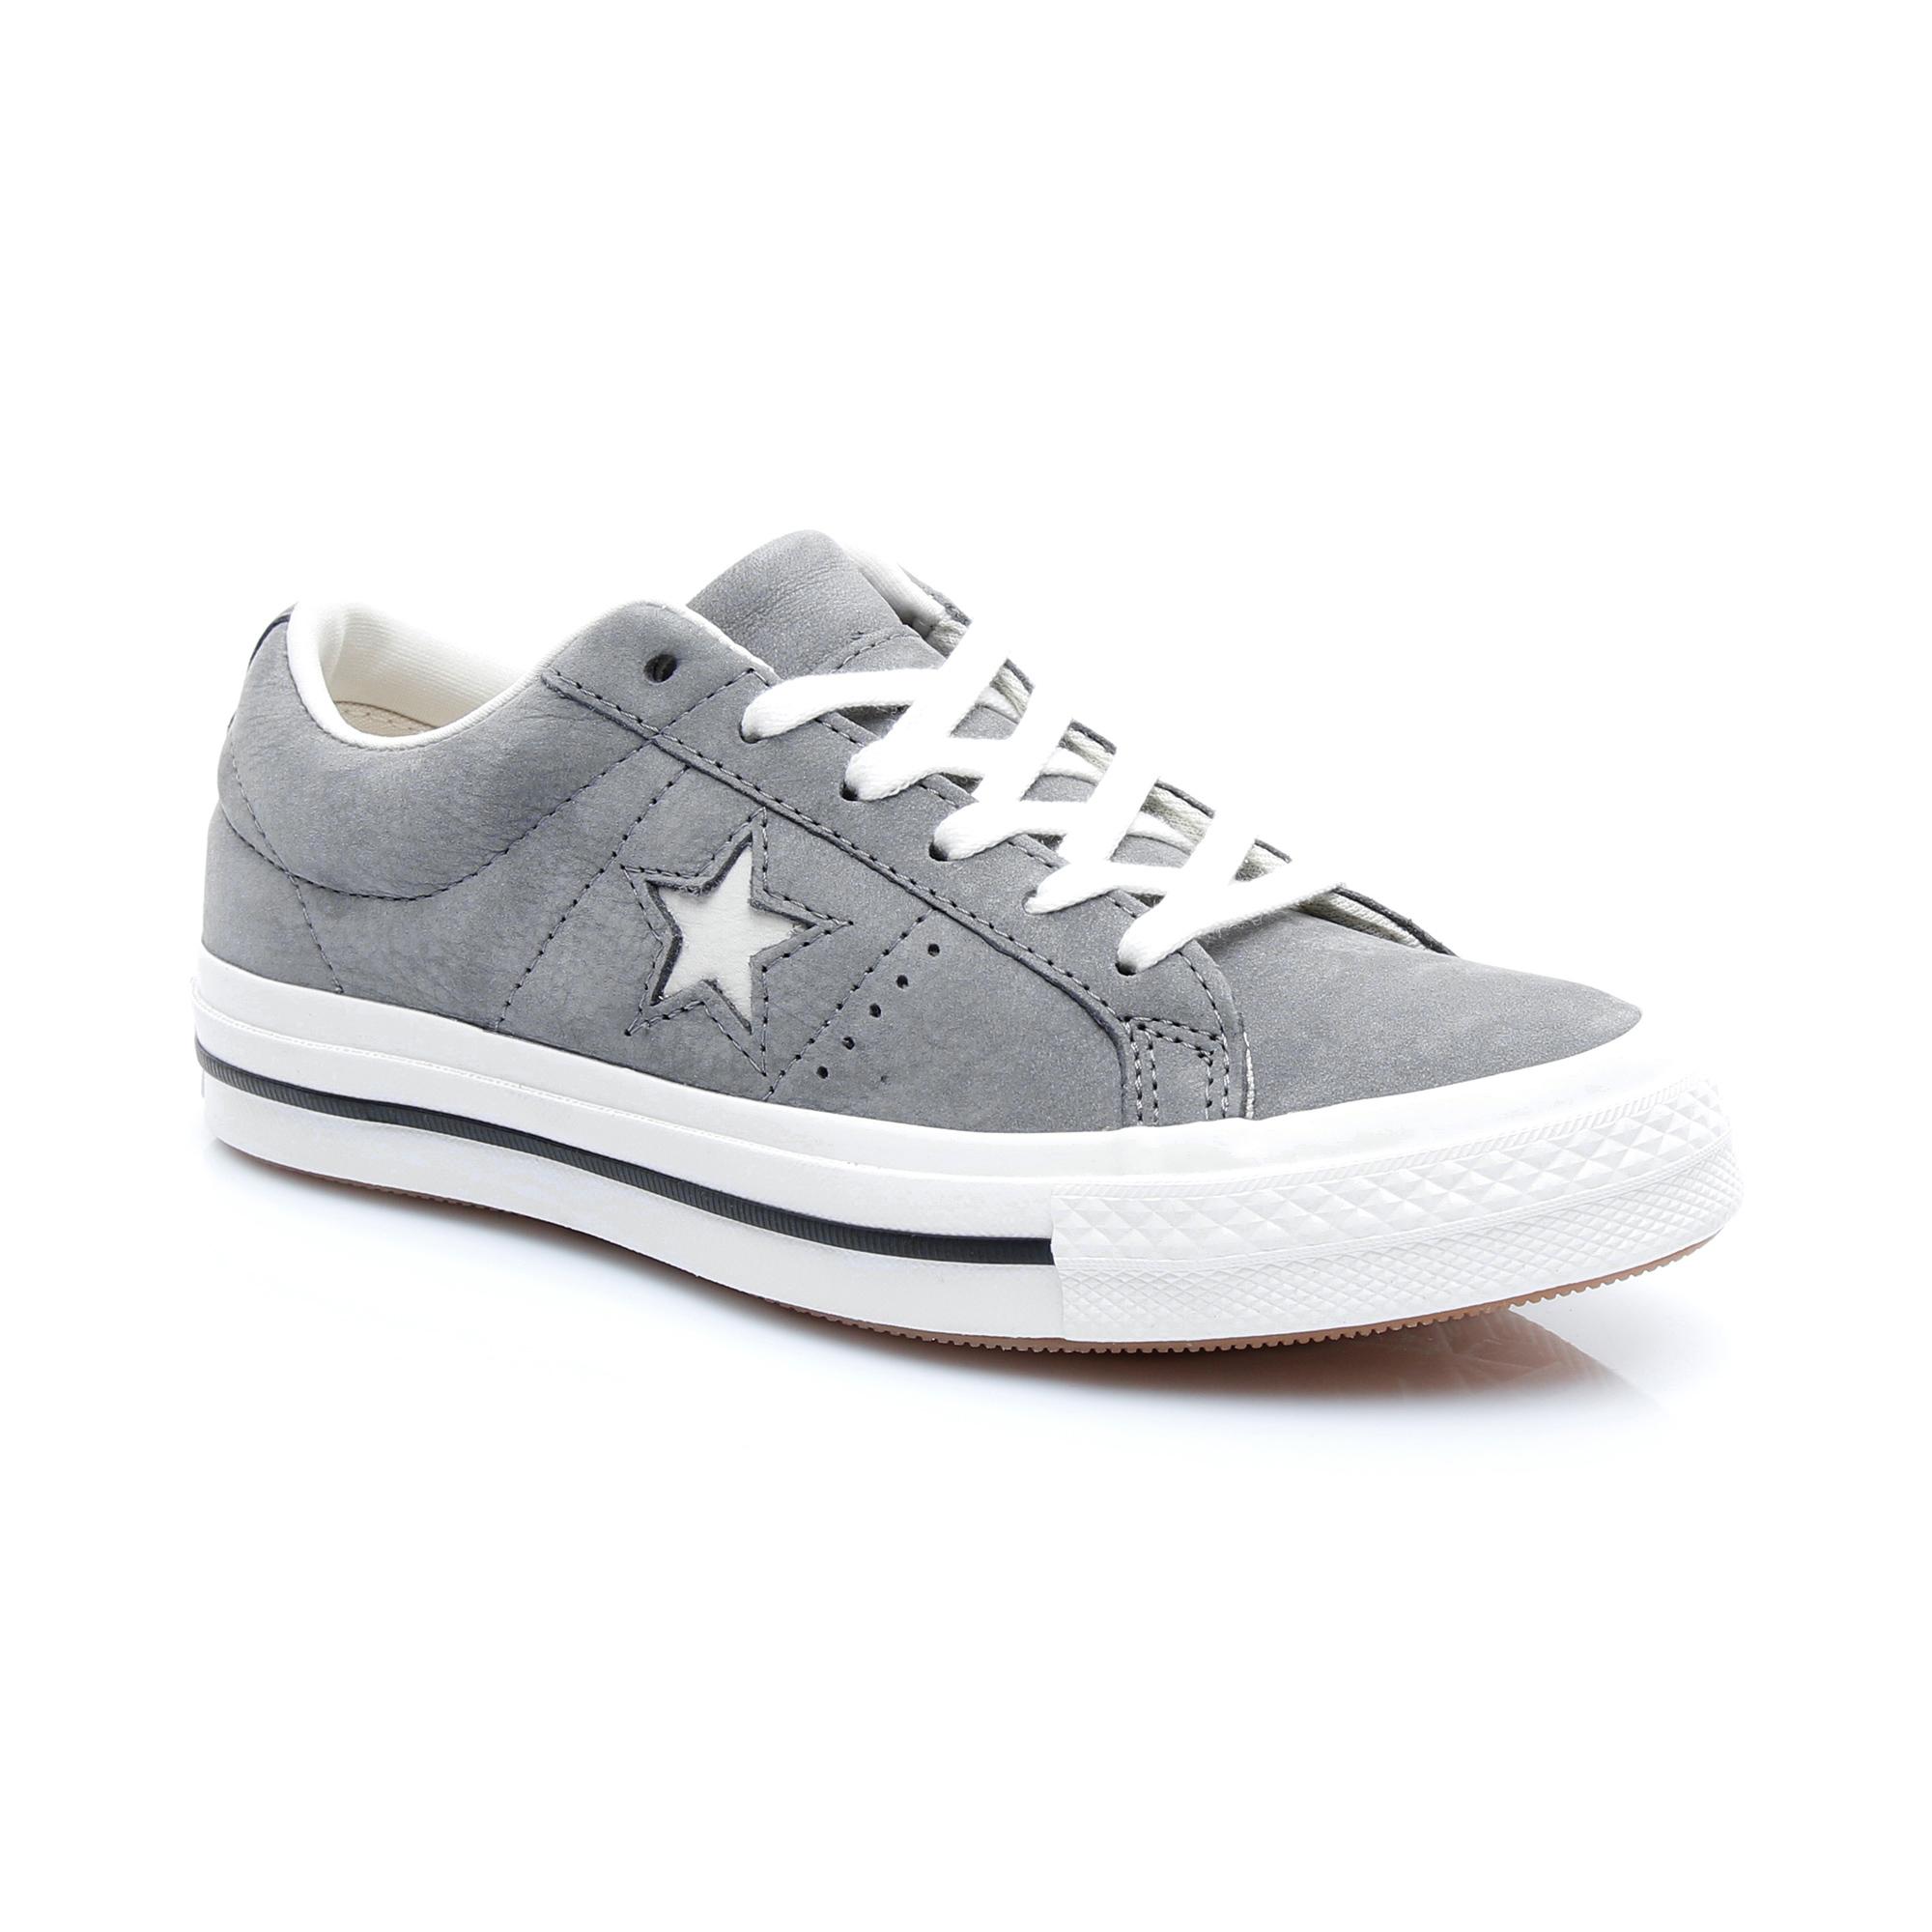 Converse One Star Kadın Gri Sneaker